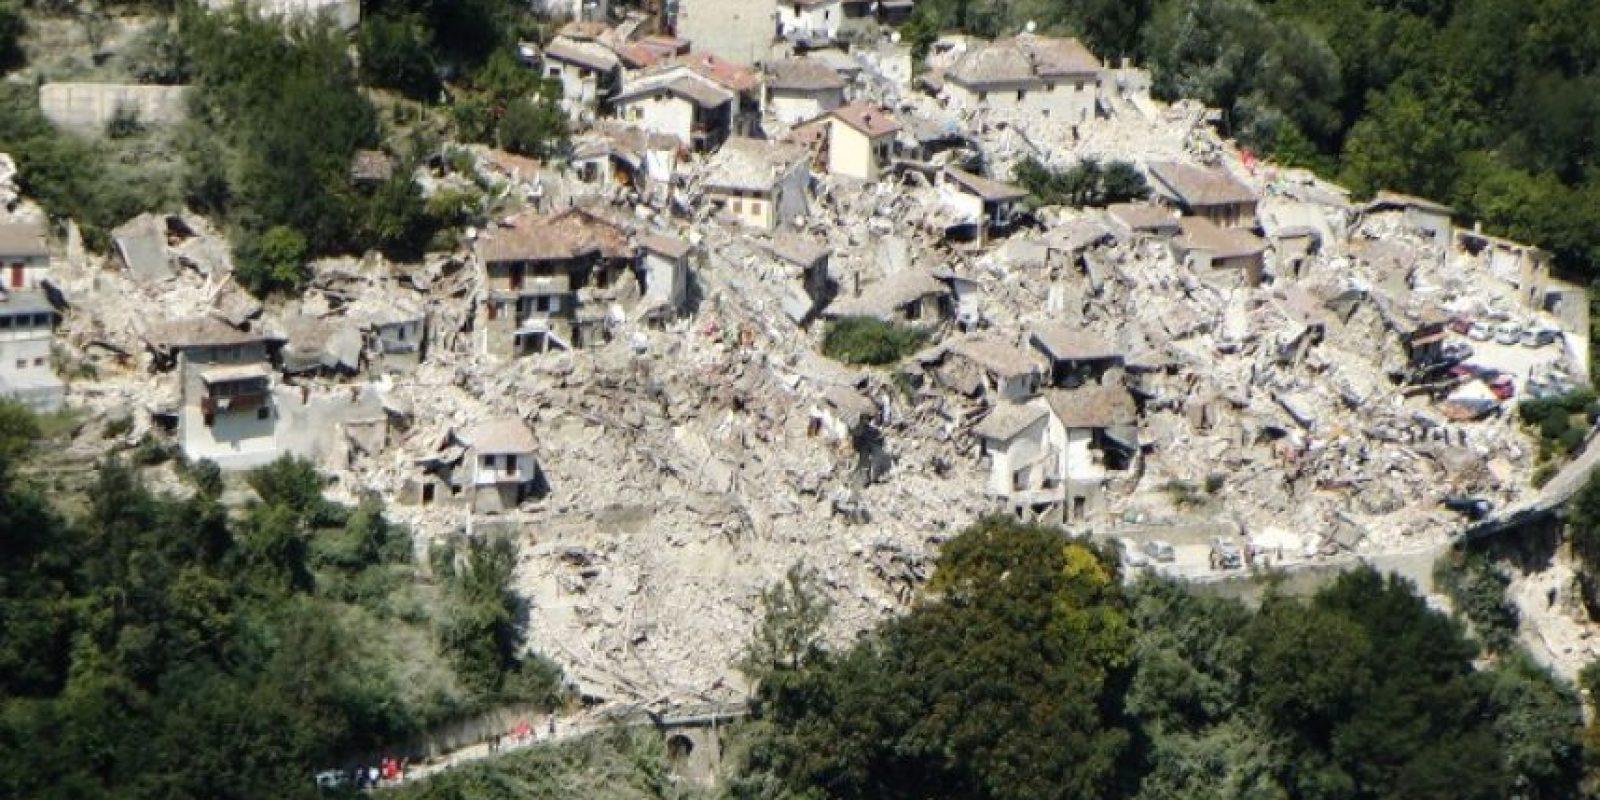 Imágenes de un terremoto ocurrido en agosto, en Italia. Foto:AFP